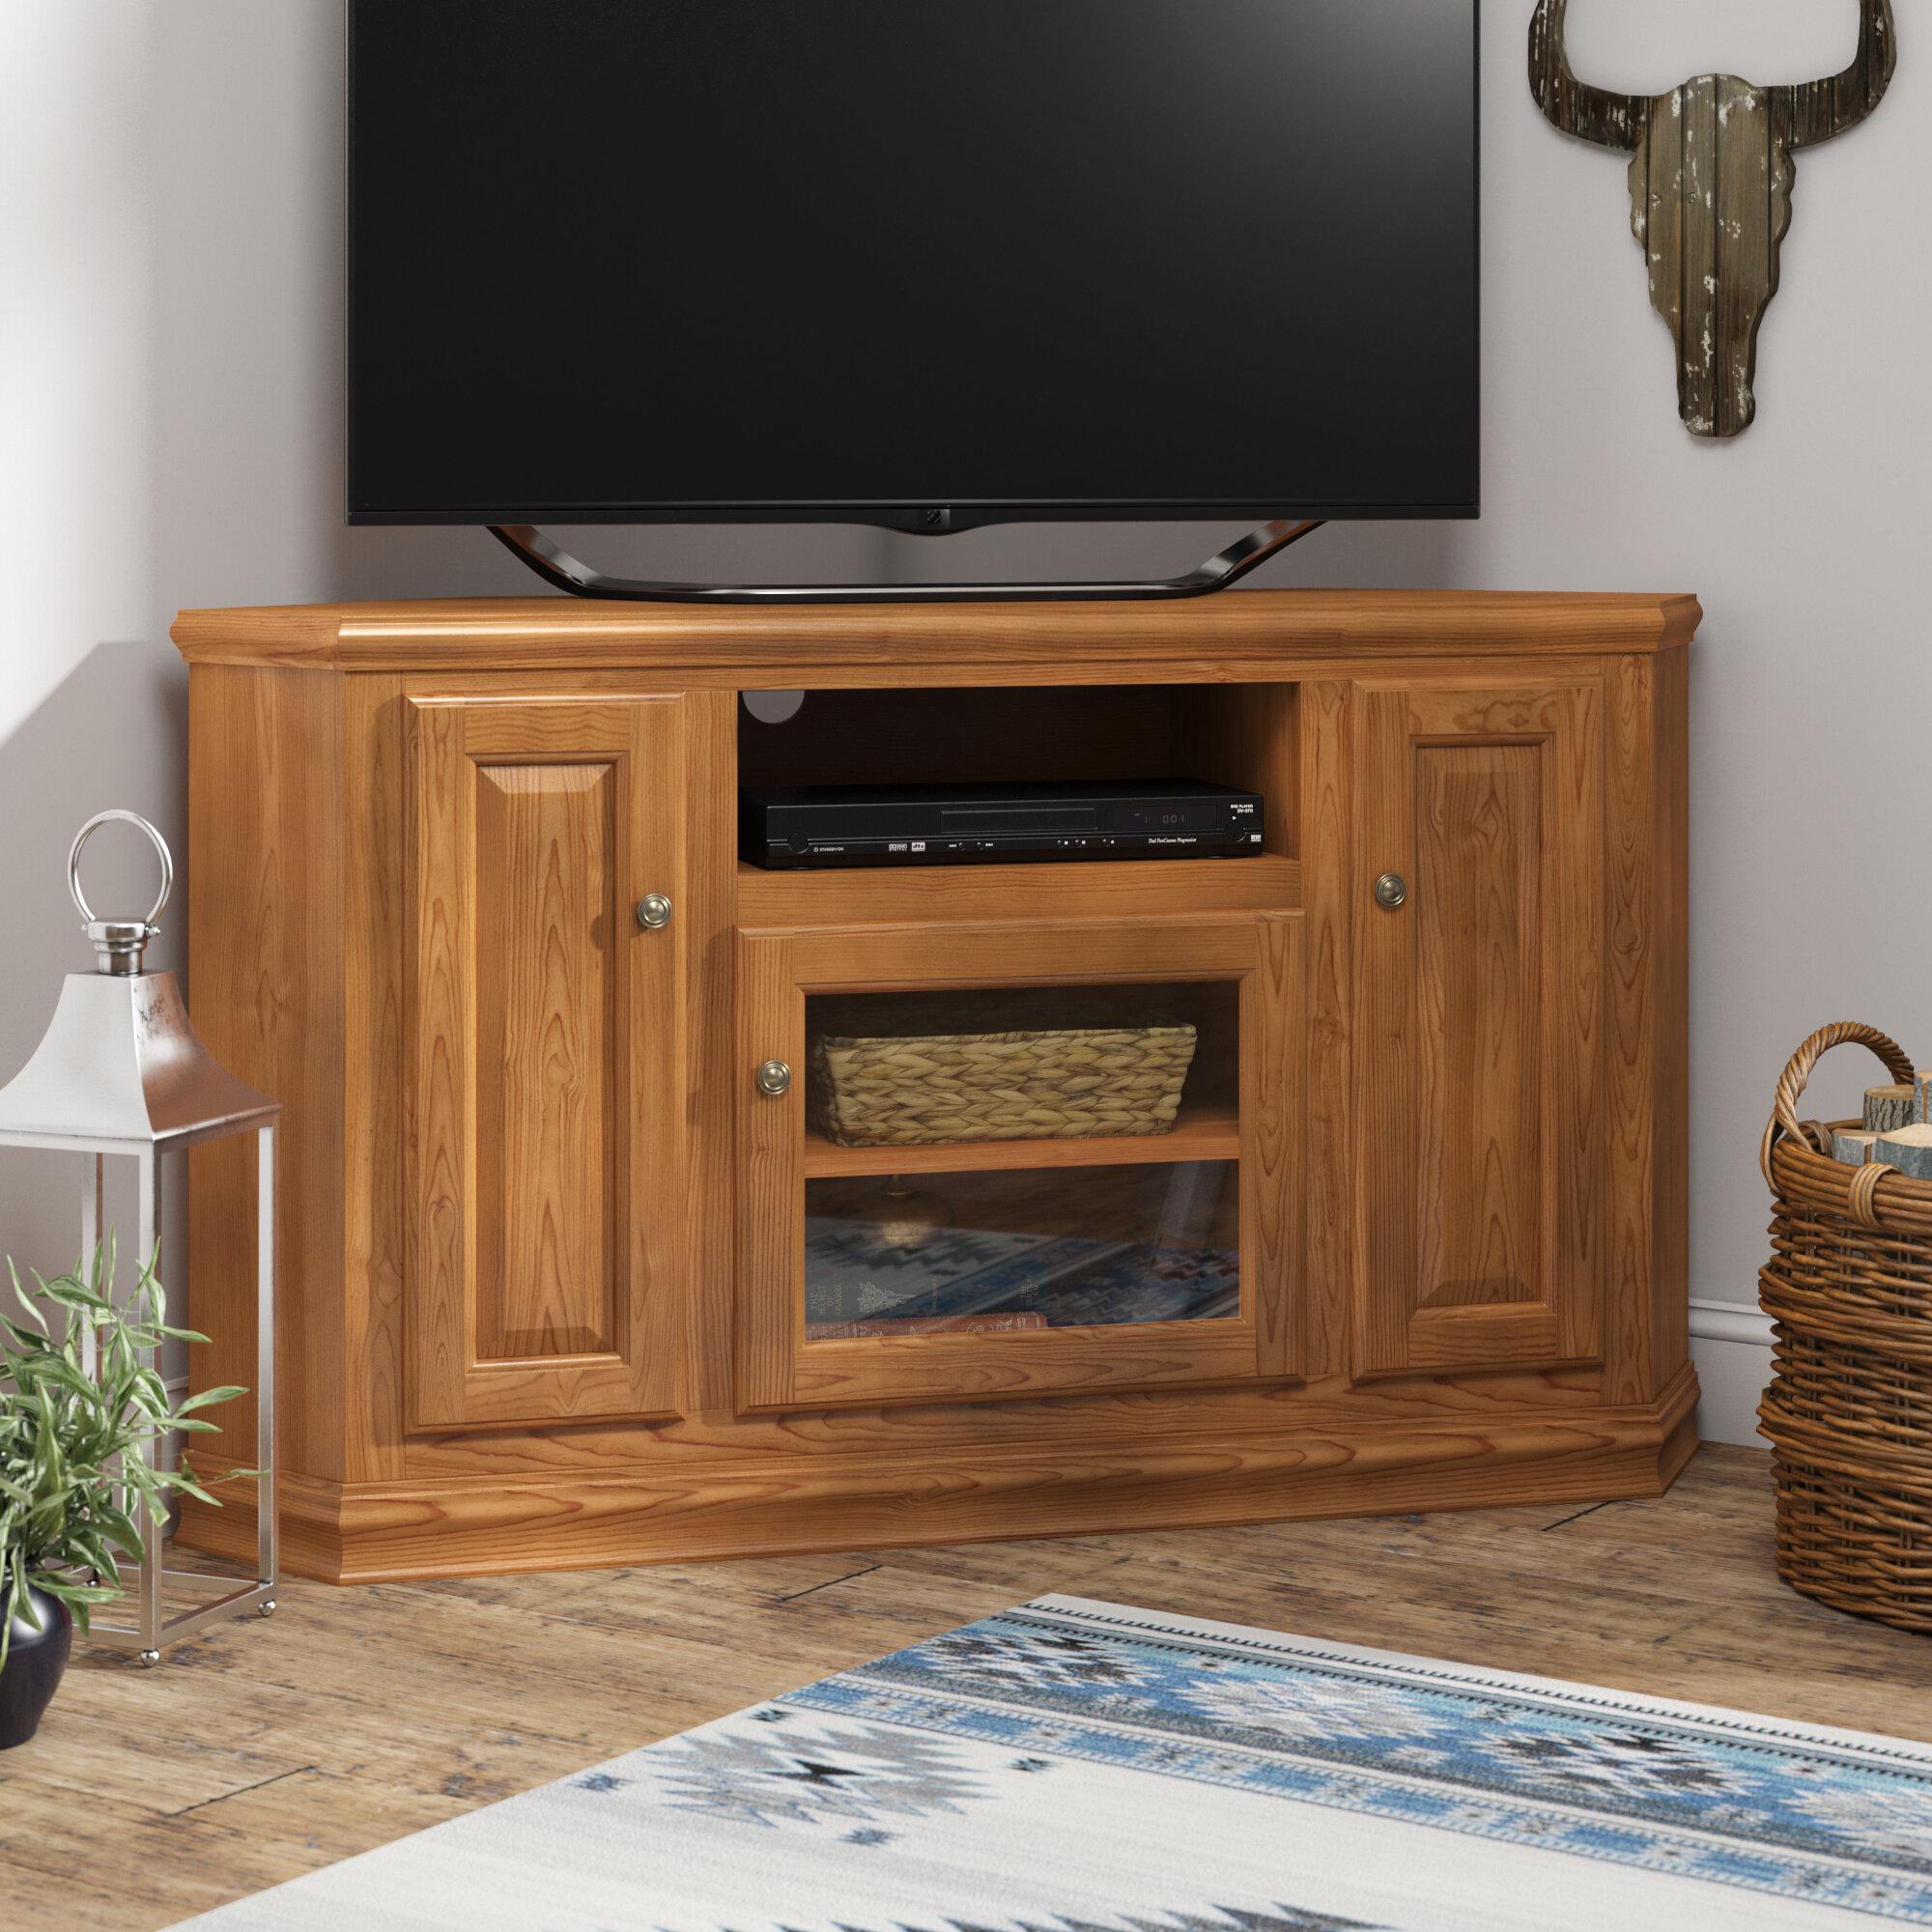 Meuble Tv Pour Coin meuble télé de coin en bois massif pour téléviseur de 65 po ou moins  lapierre